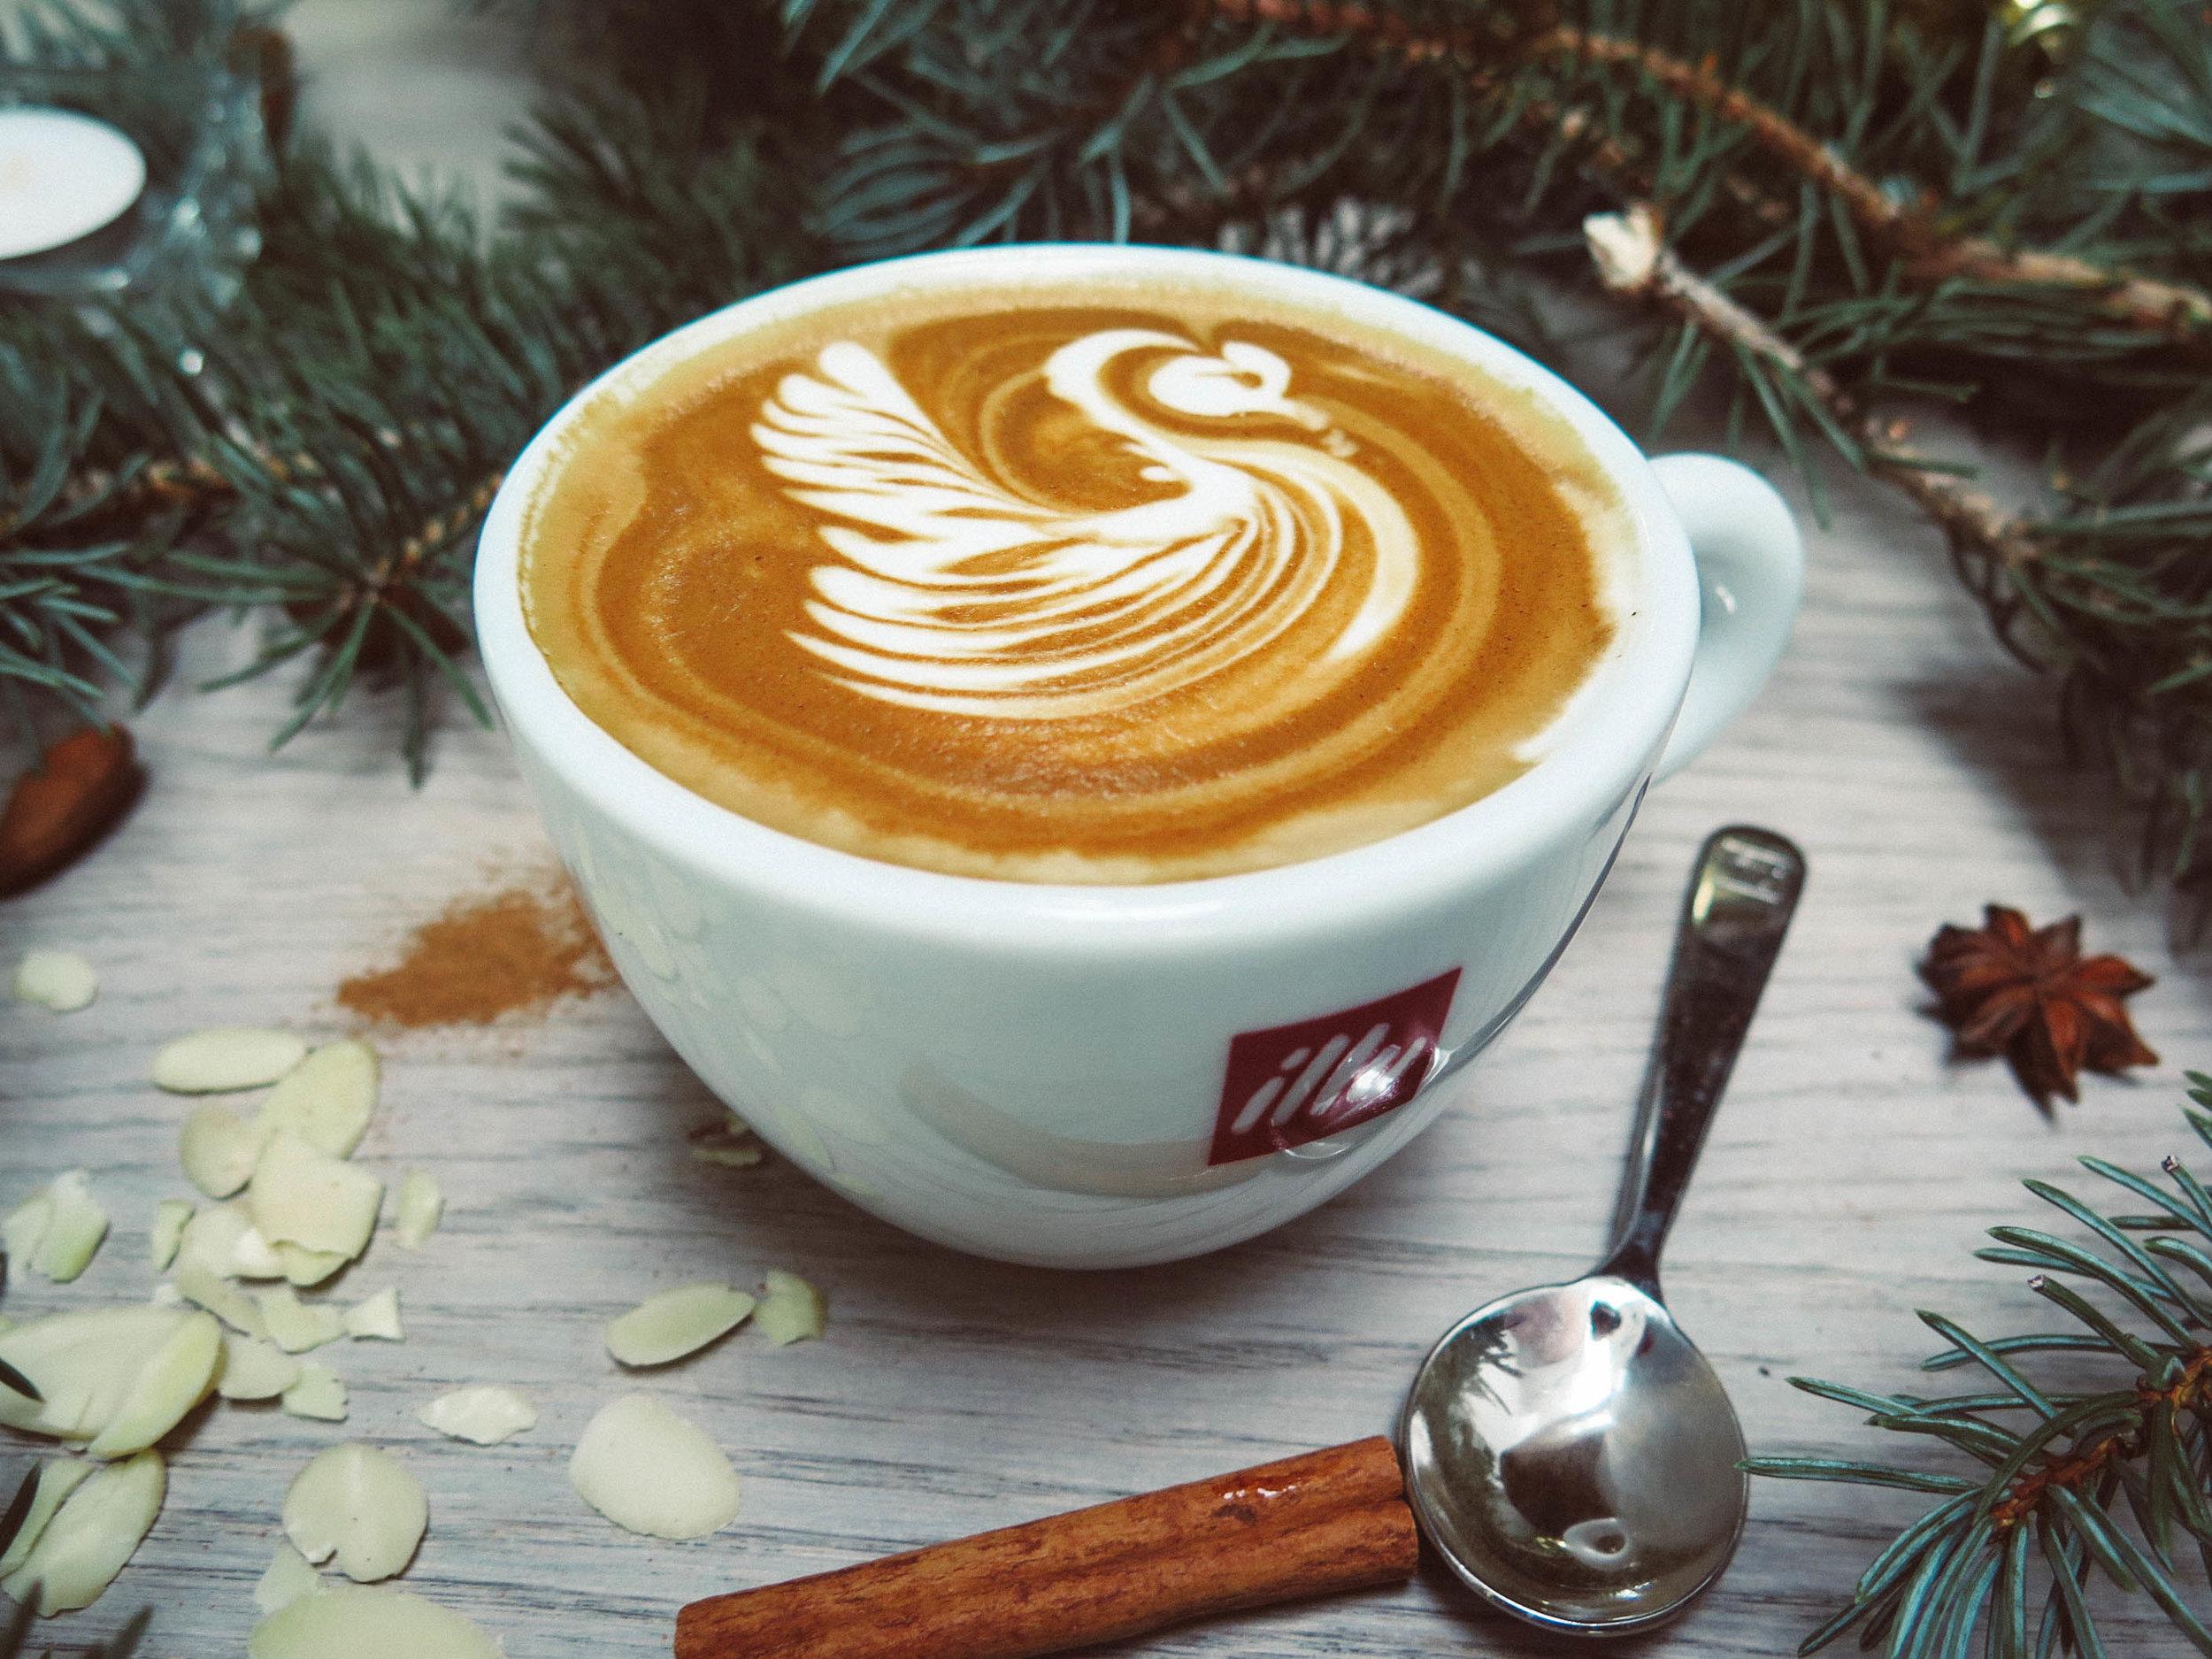 uwm.chainog.table-tree-branch-coffee-wood-dawn-925054-pxhere.com